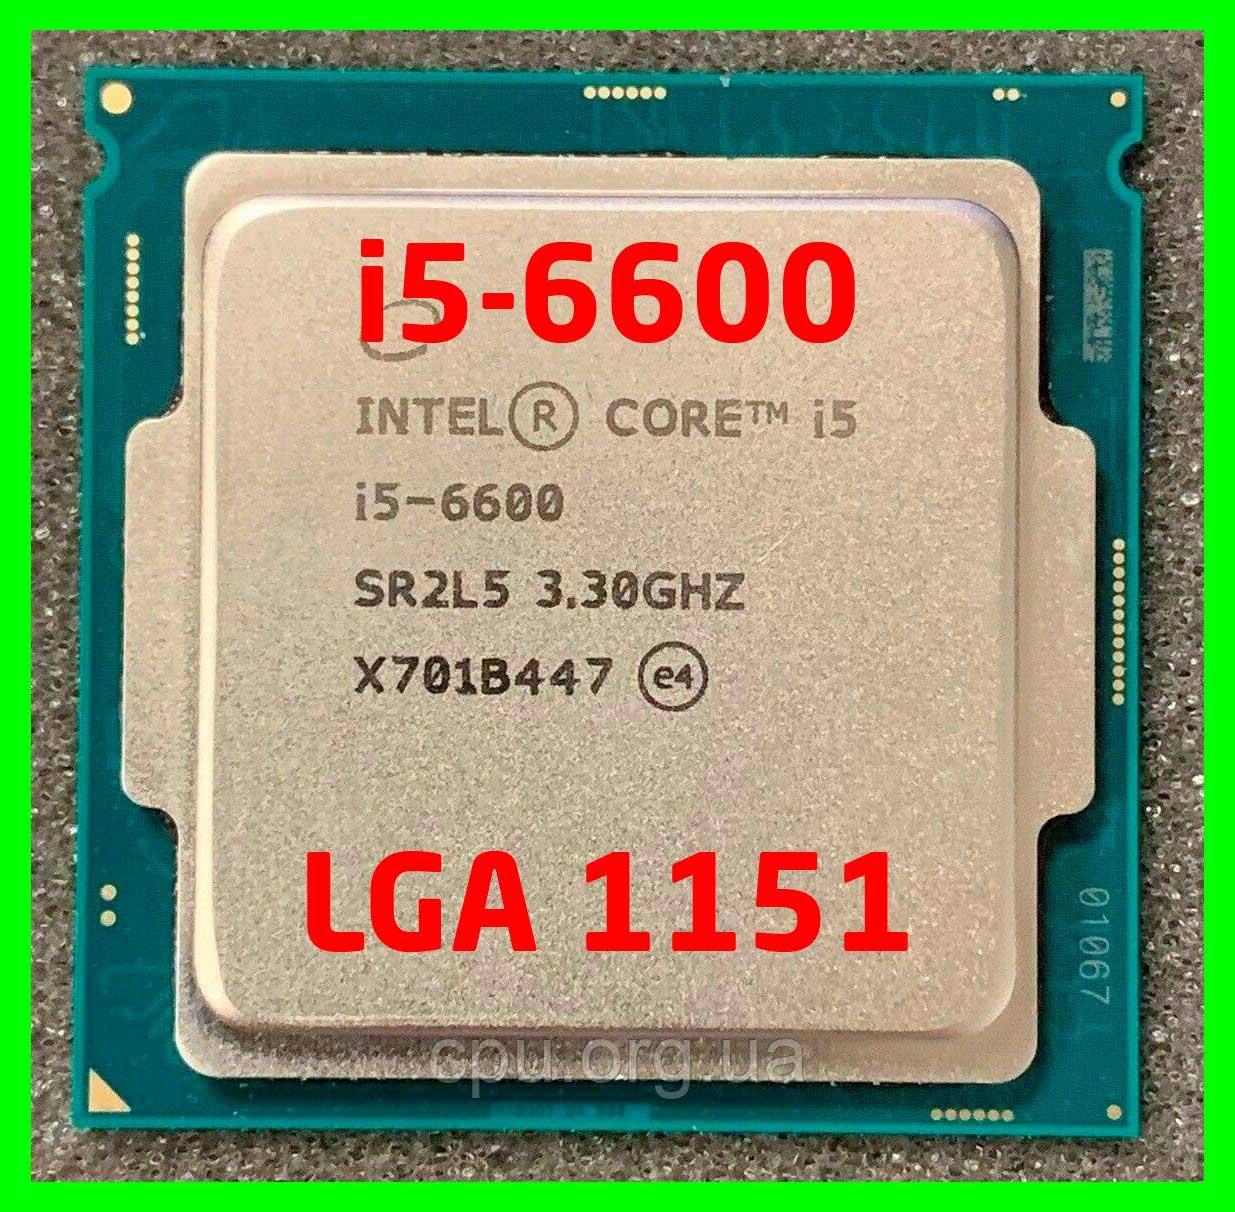 Процессор Intel Core i5-6600 4 ядра 3.30-3.90Ghz / 6M / 8GT/s Skylake LGA1151 (SR2L5)